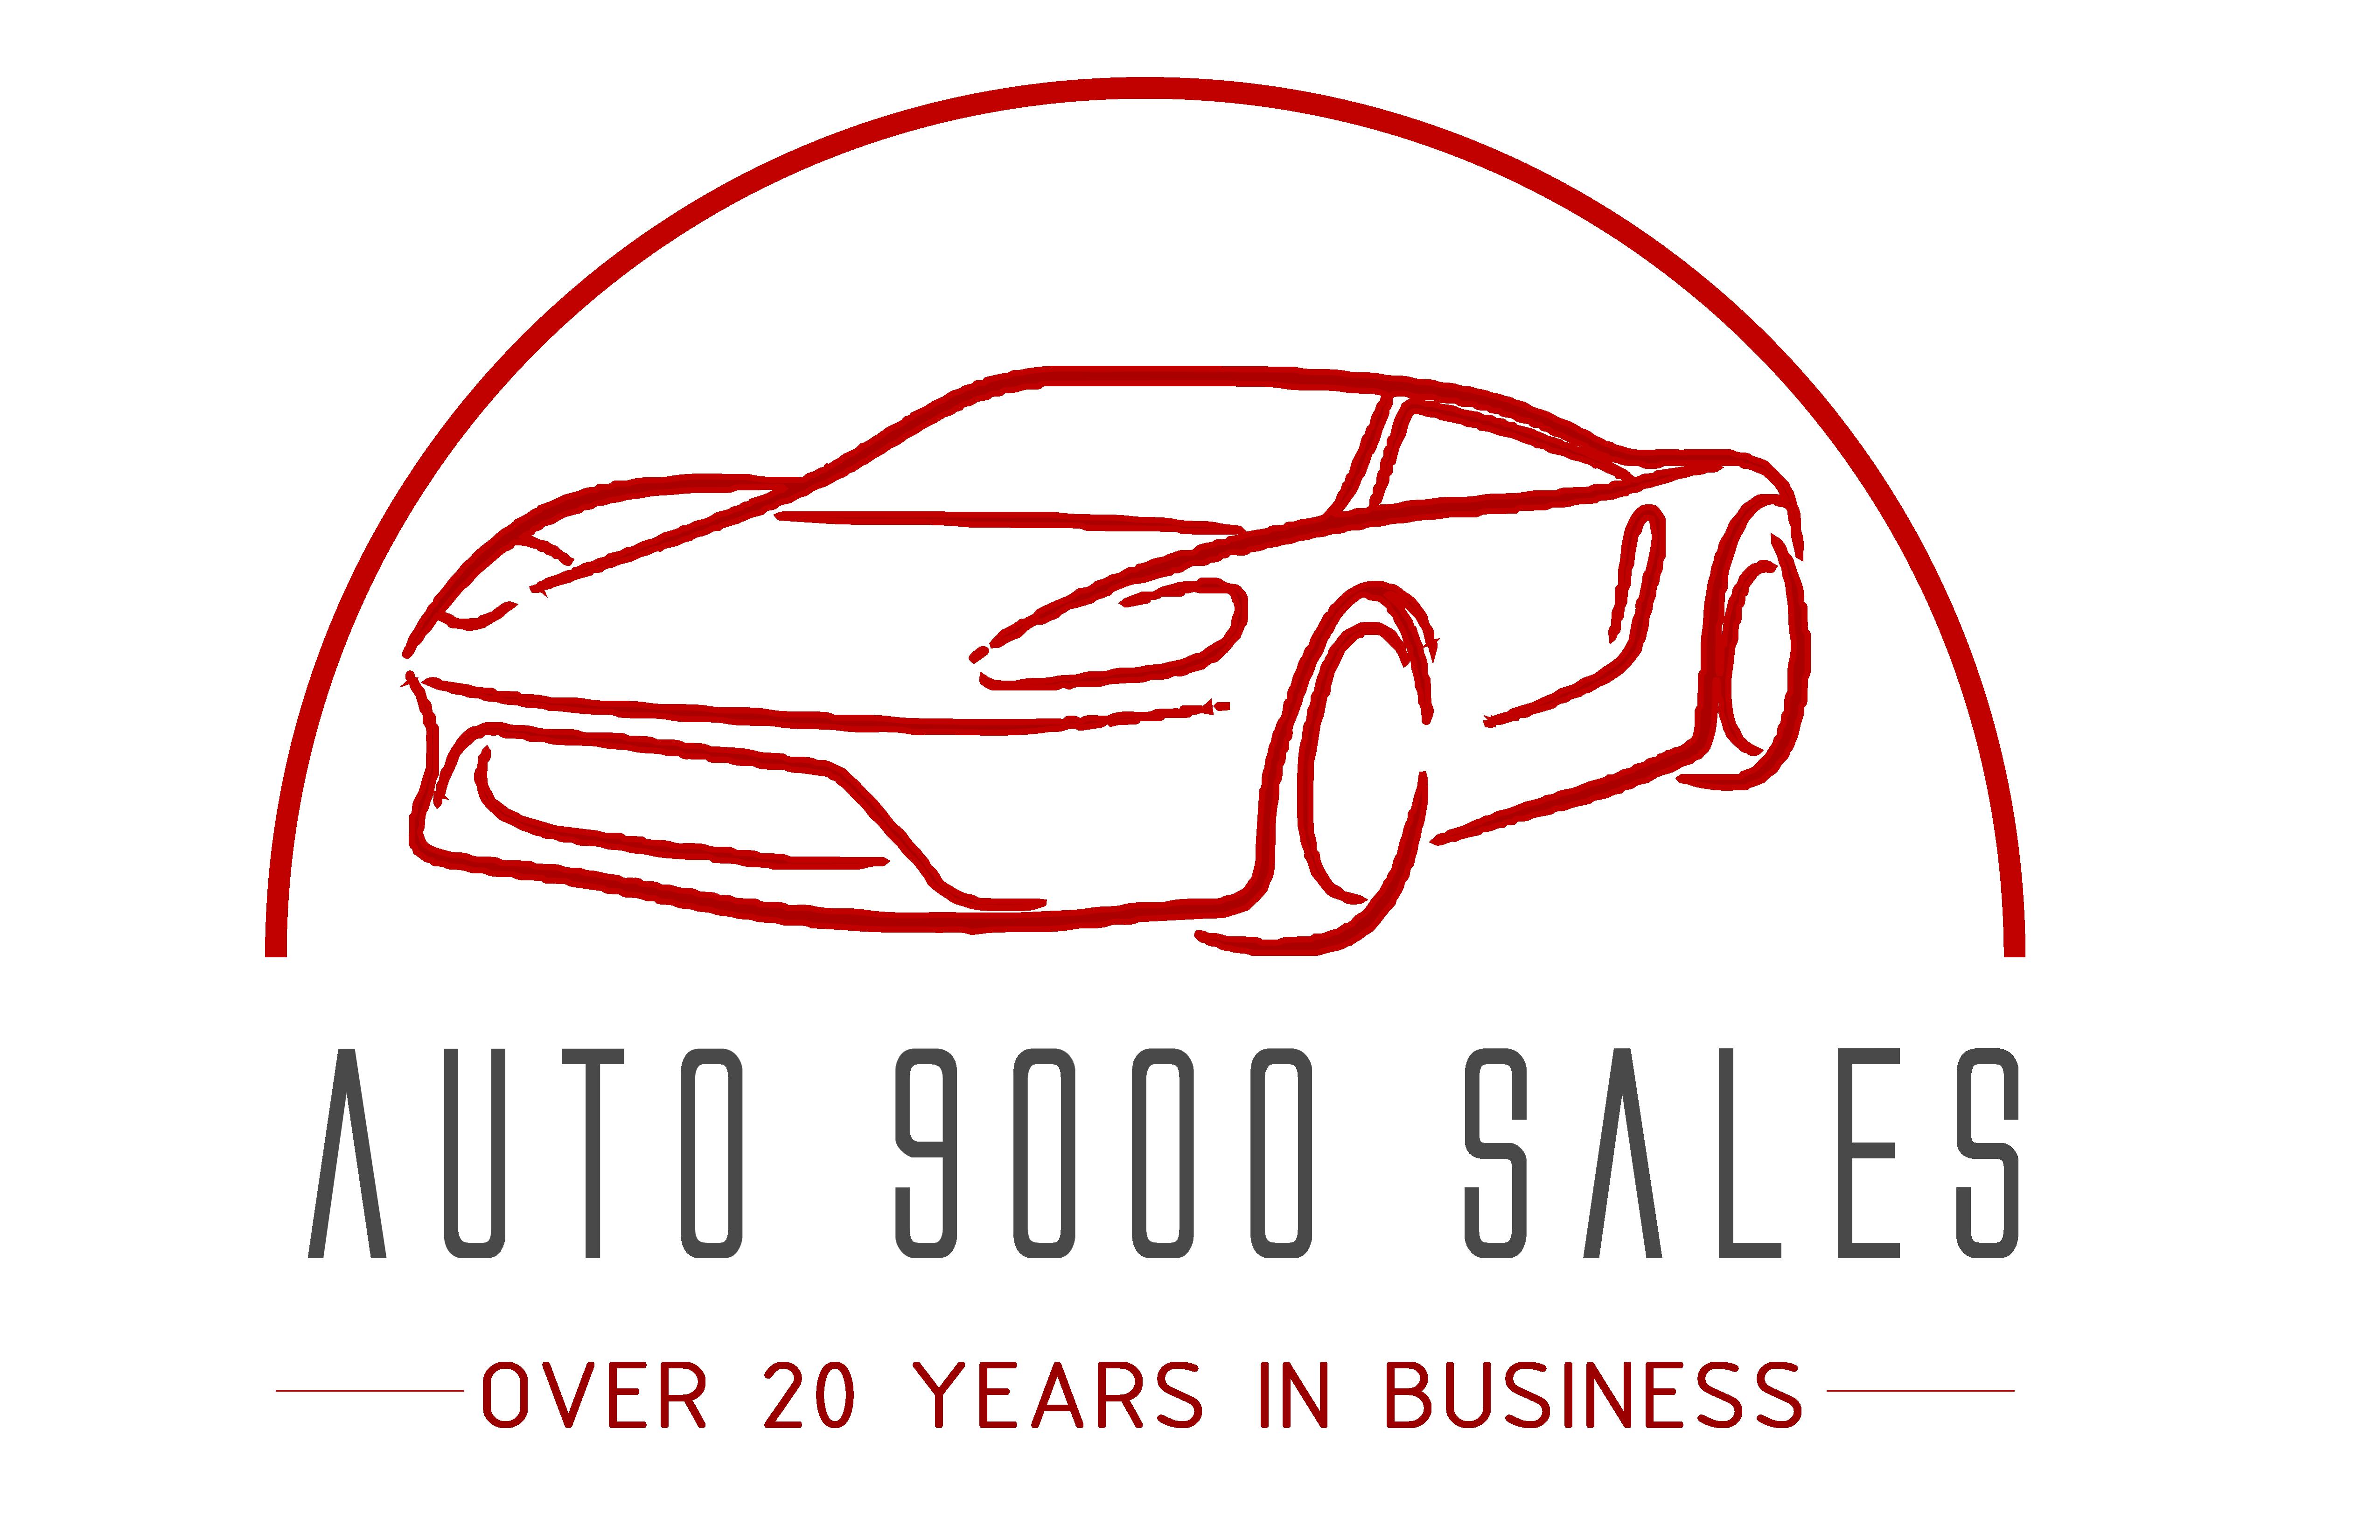 Auto 9000 Sales